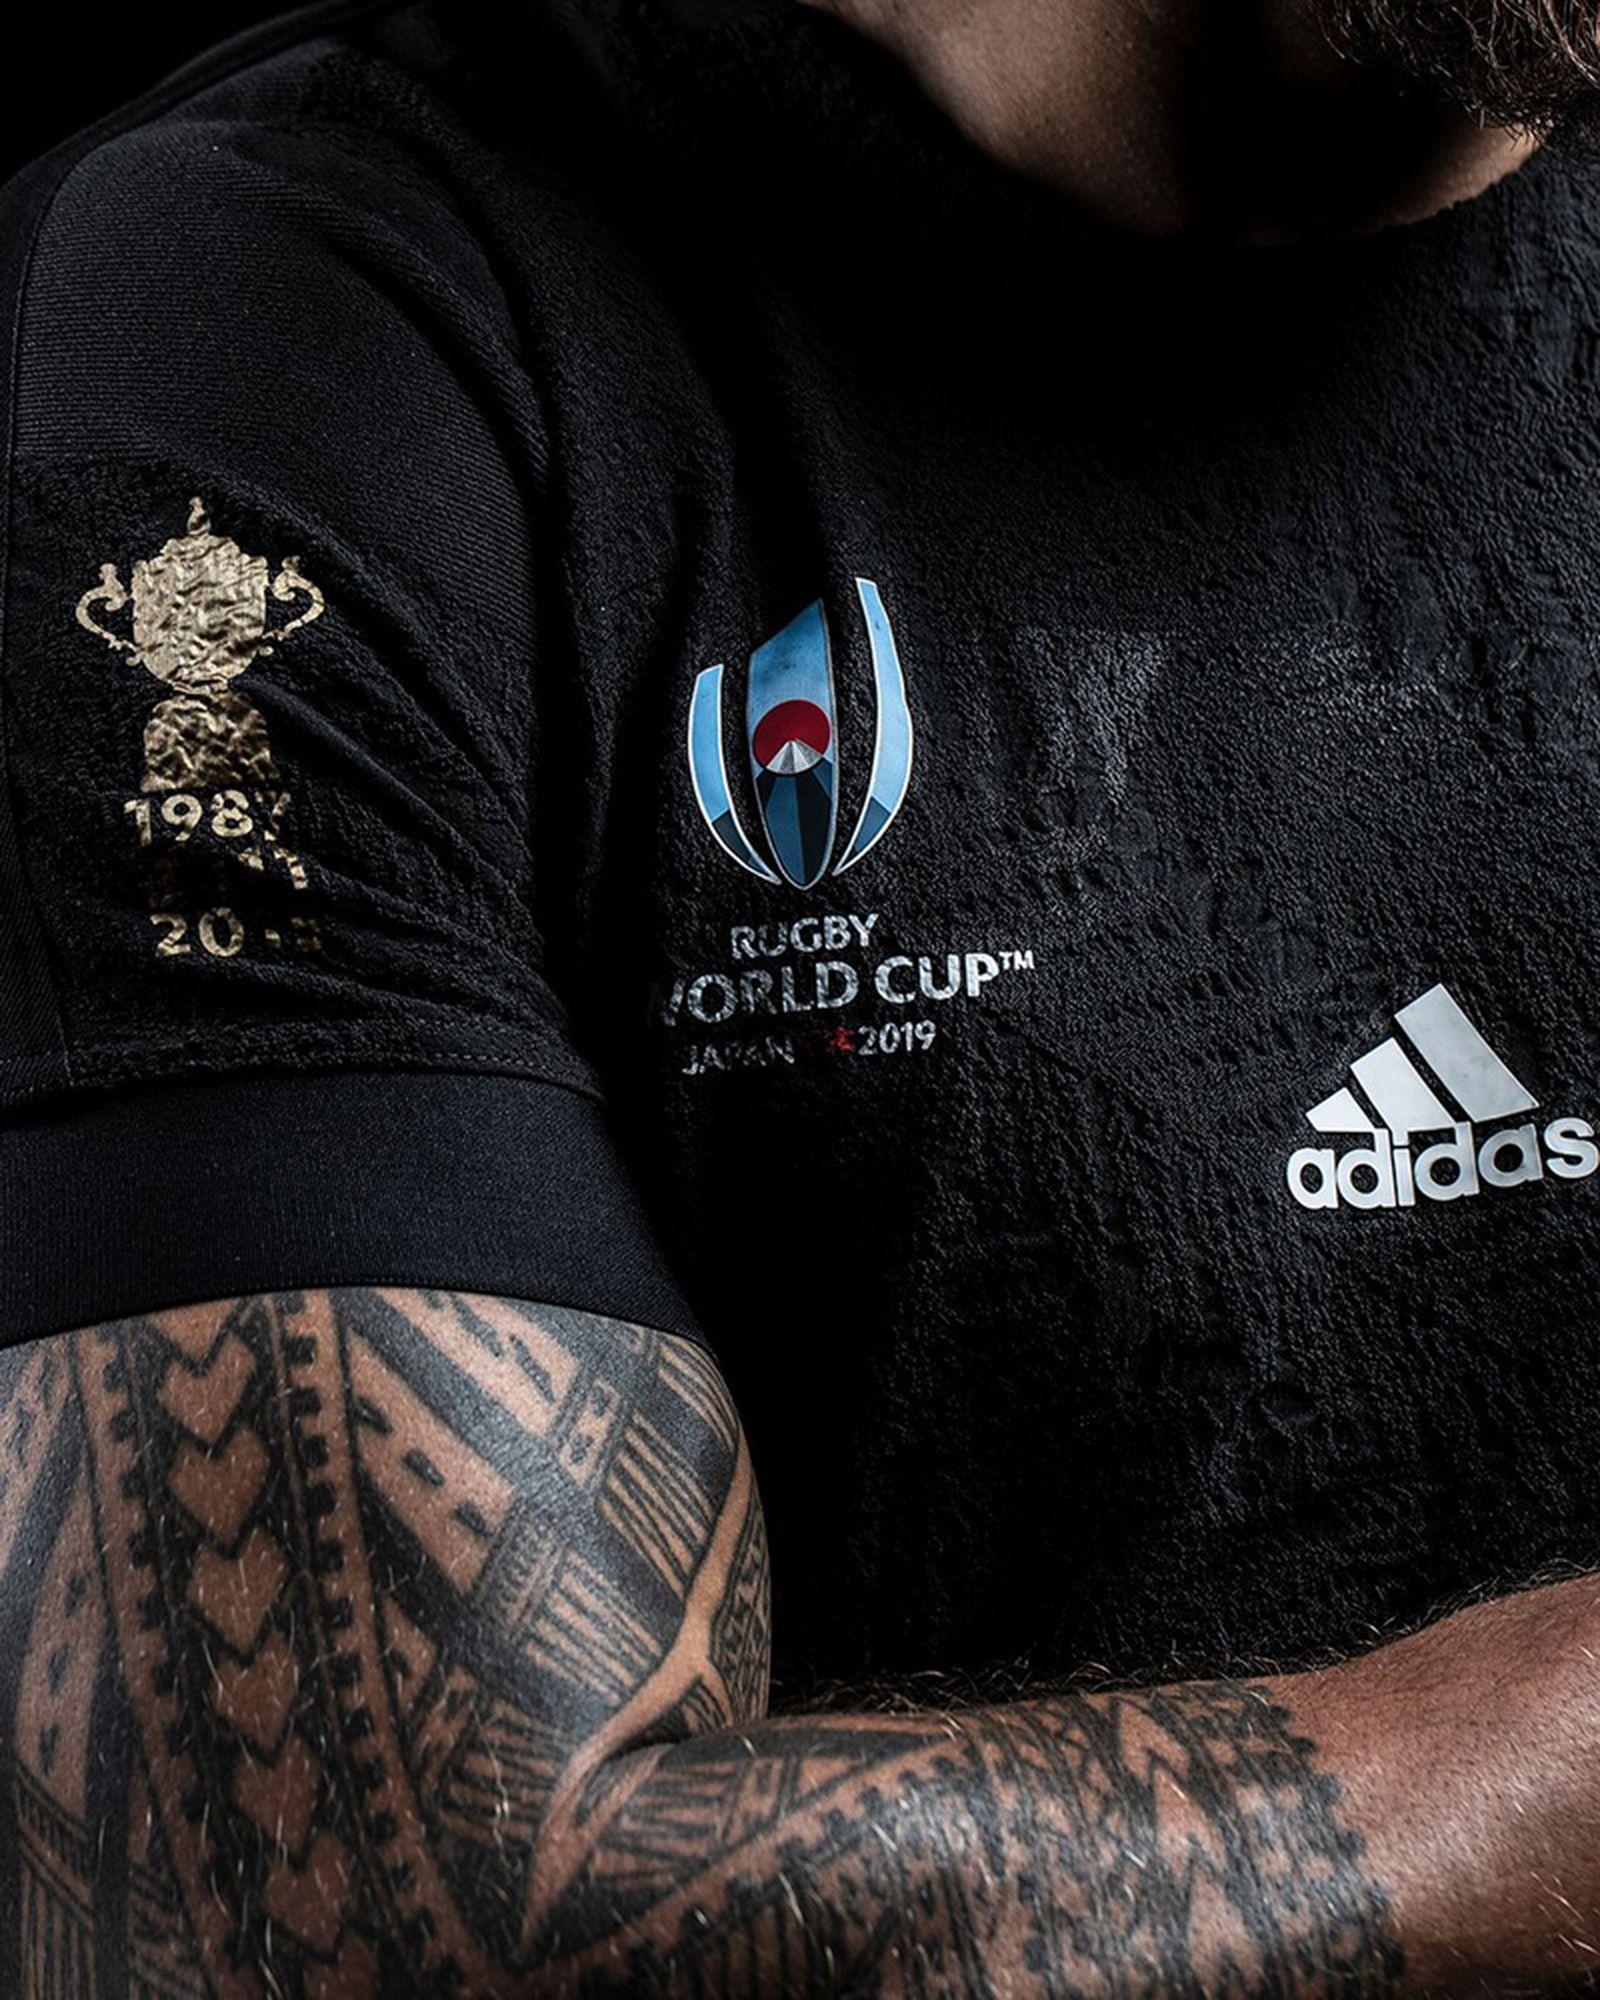 adidas y3 rugby adidas Y-3 all blacks rugby world cup